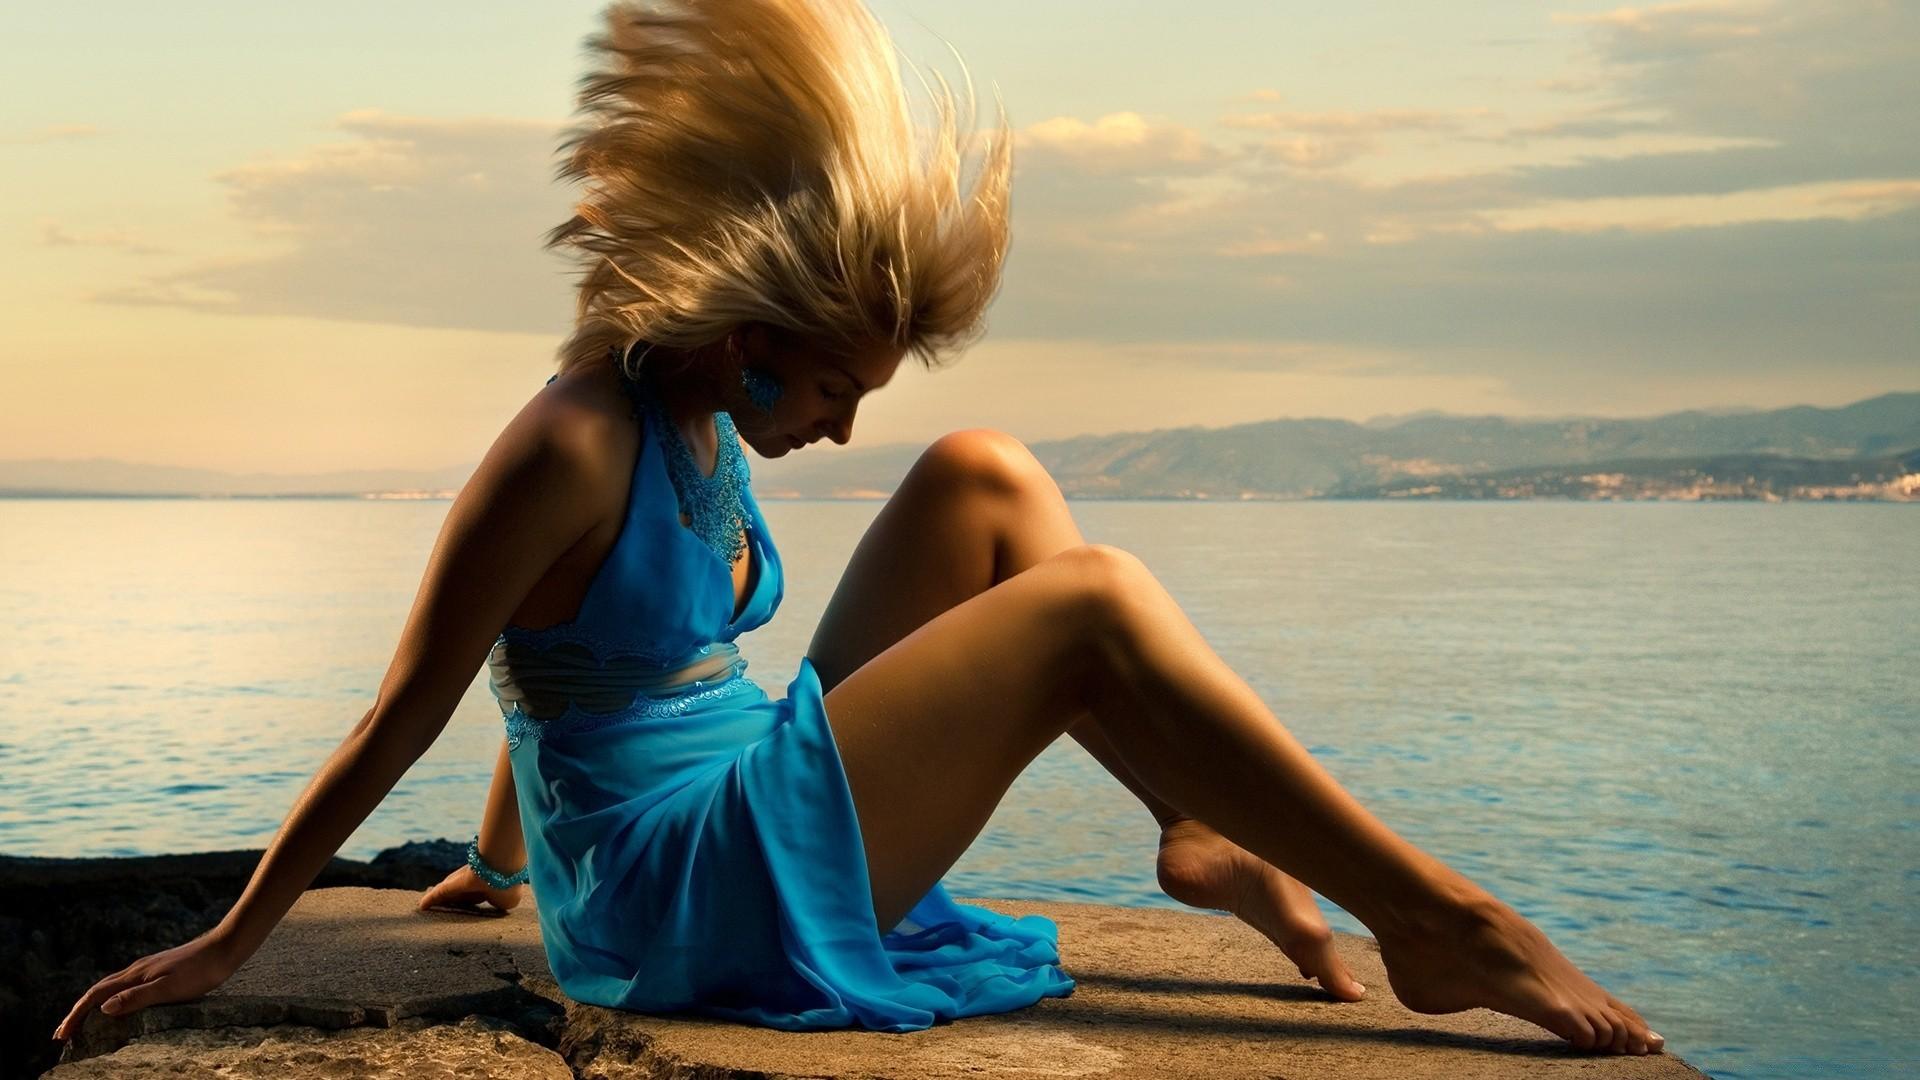 фото где девушка сидит на море иногда порет меня